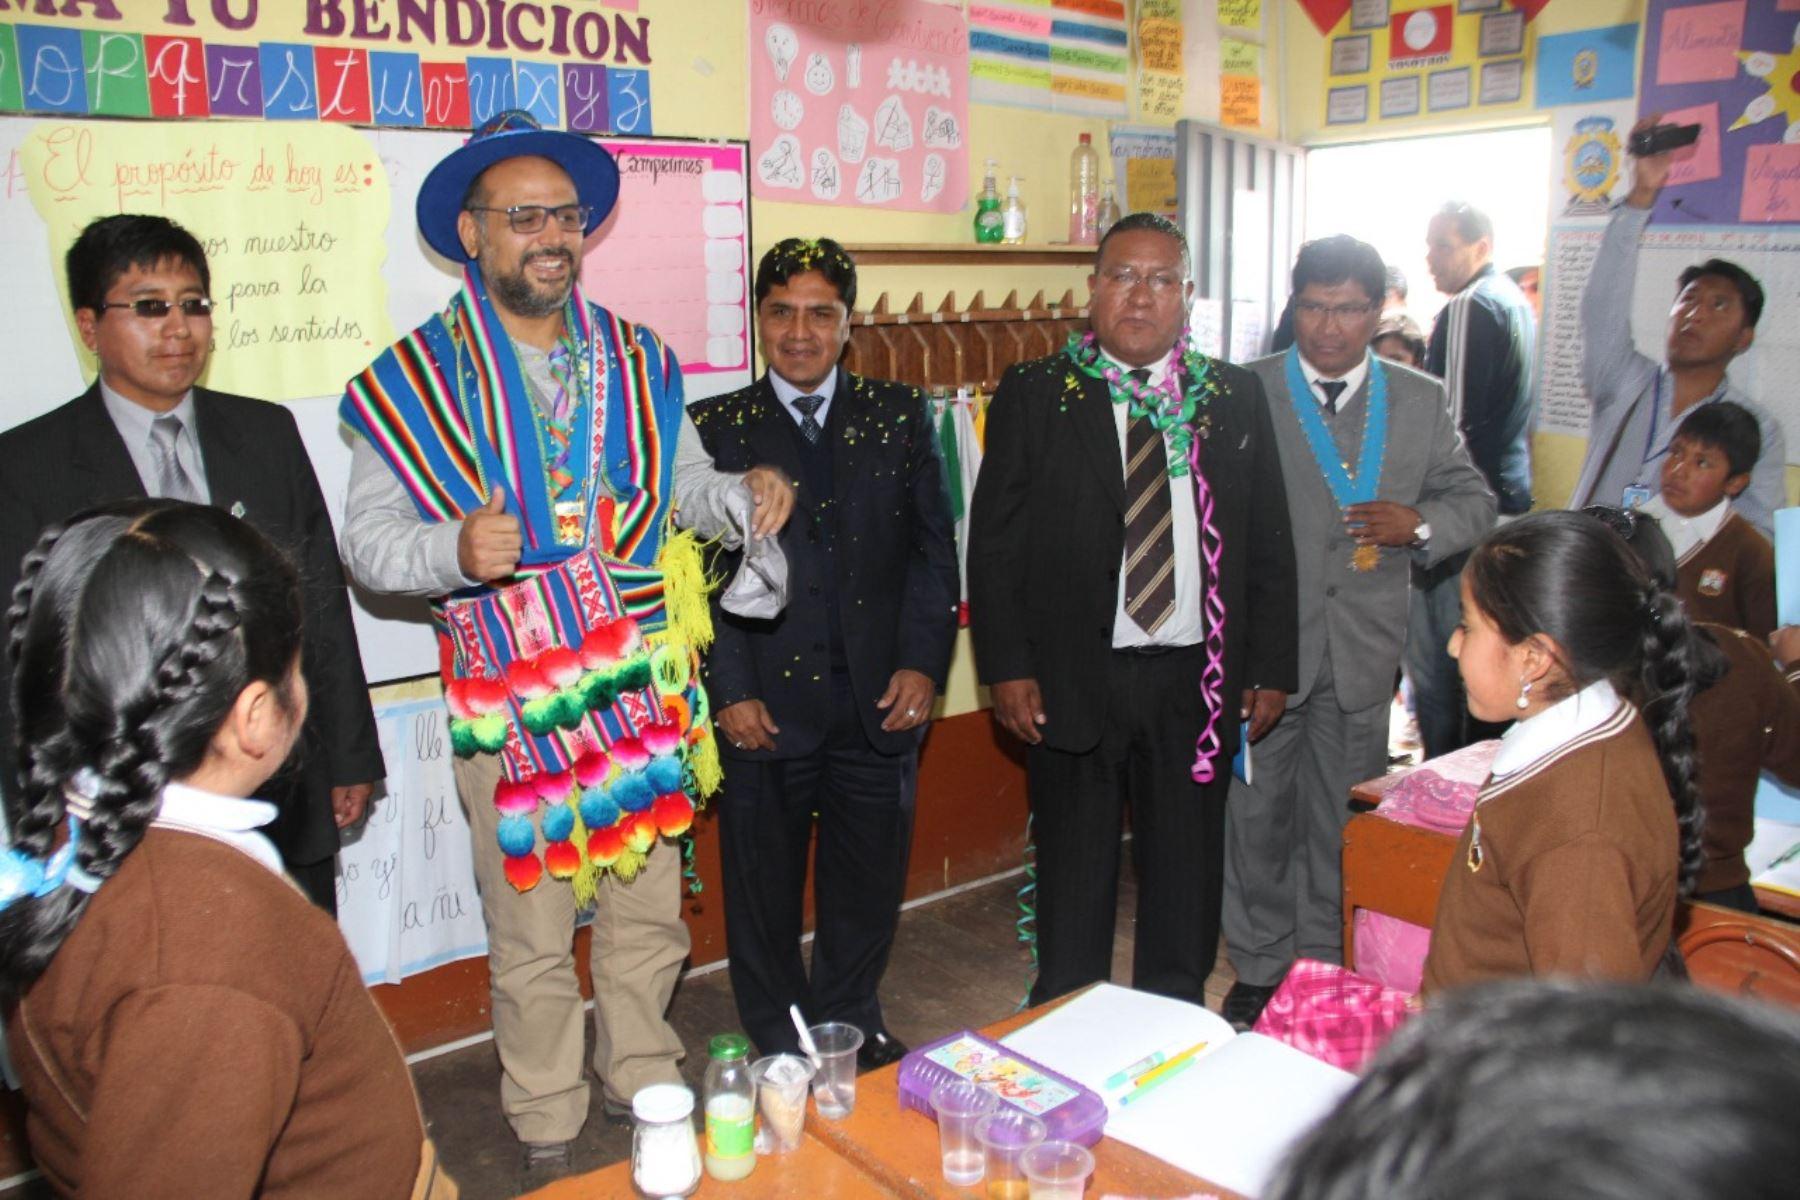 Ministro de Educación, Daniel Alfaro, visitó colegio en Juliaca, Puno. ANDINA/Difusión